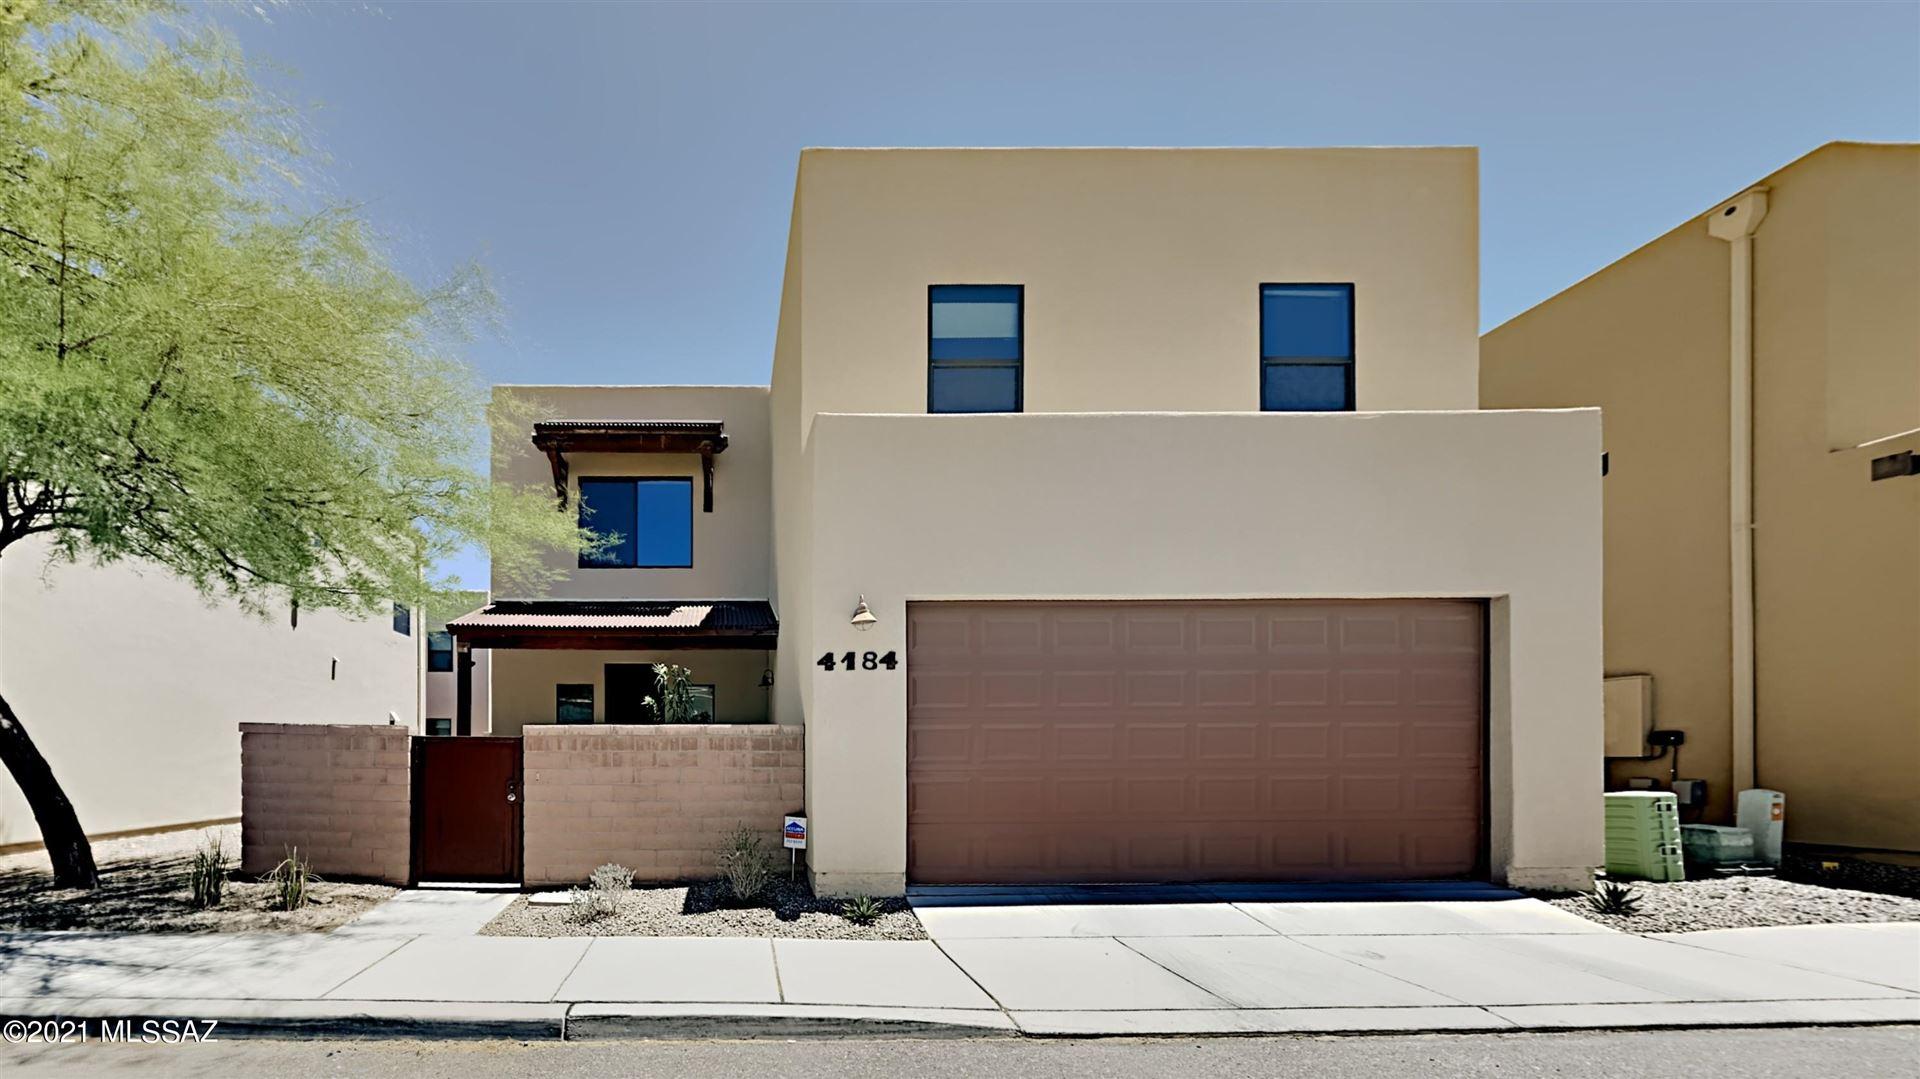 4184 N Stone Cliff Drive, Tucson, AZ 85705 - MLS#: 22112180